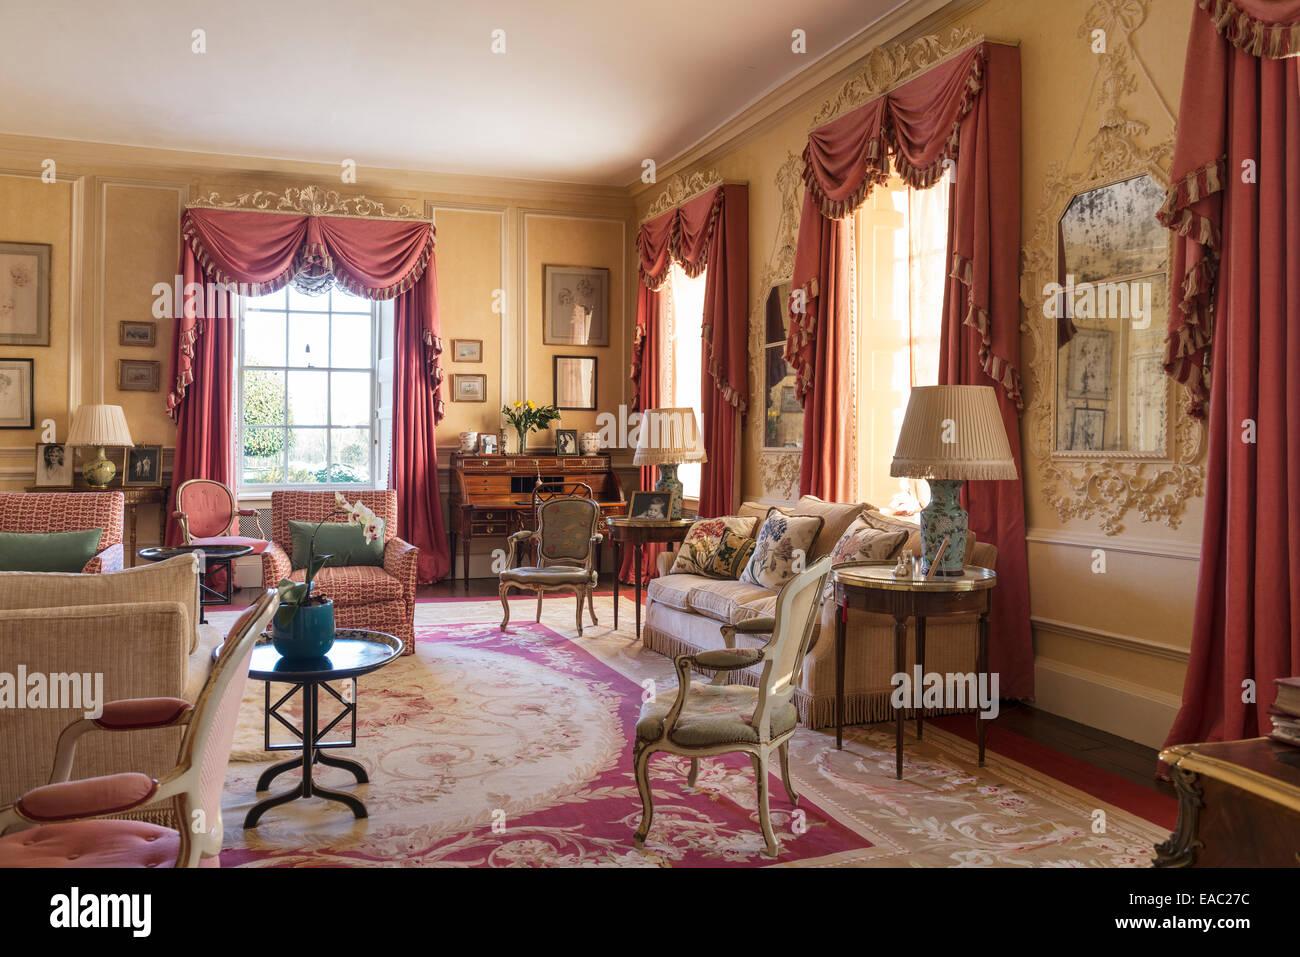 Tappeto Da Salotto Rosa : Rosa polveroso tende colorate con festoni e code in salotto